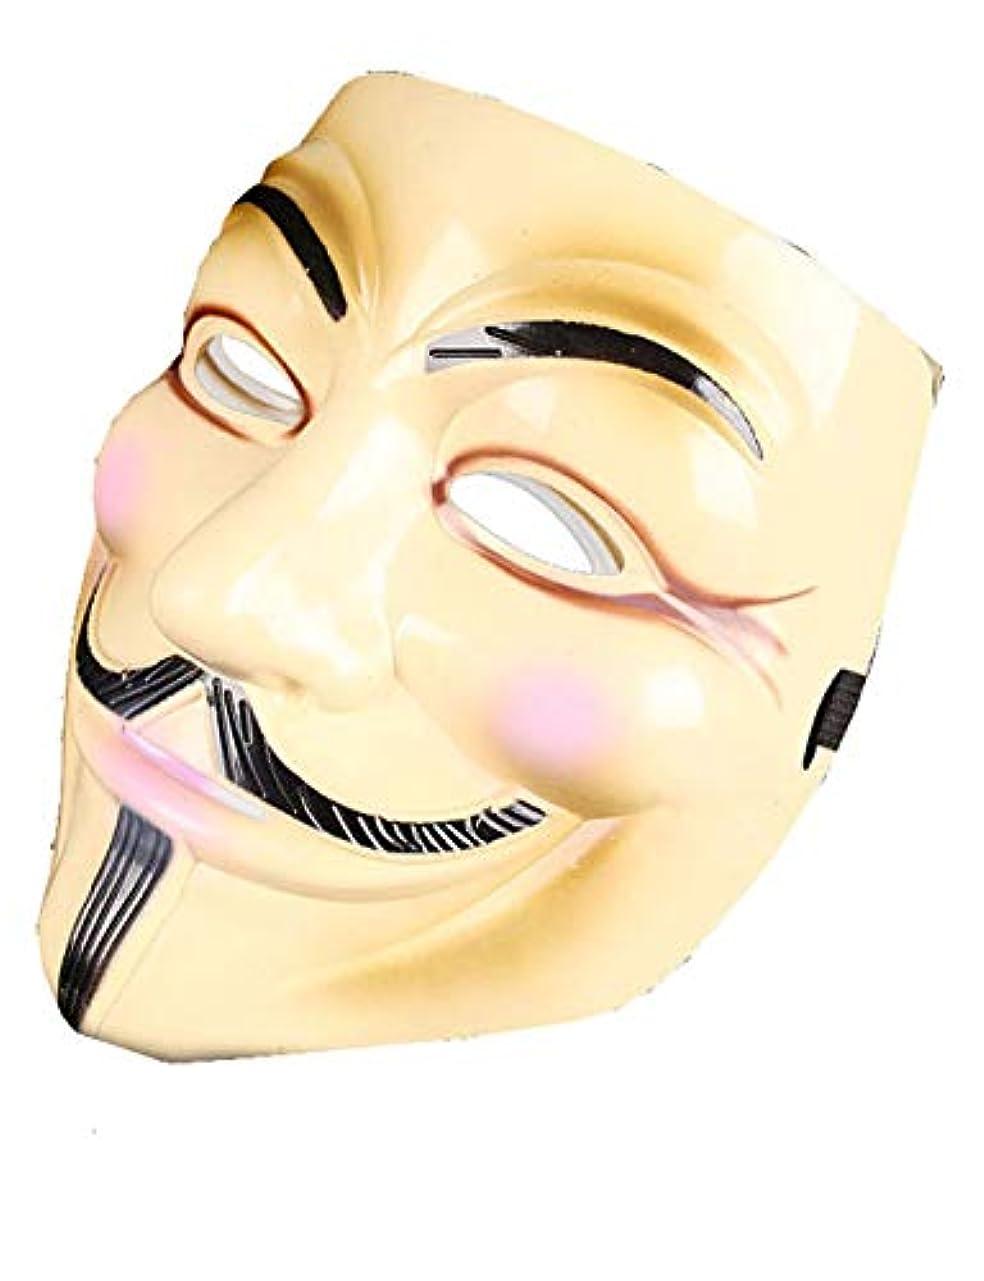 祖母偉業りんごハロウィーンマスクホラーコスチュームパーティーコスプレの小道具、VendettaのV (Color : BRASS)